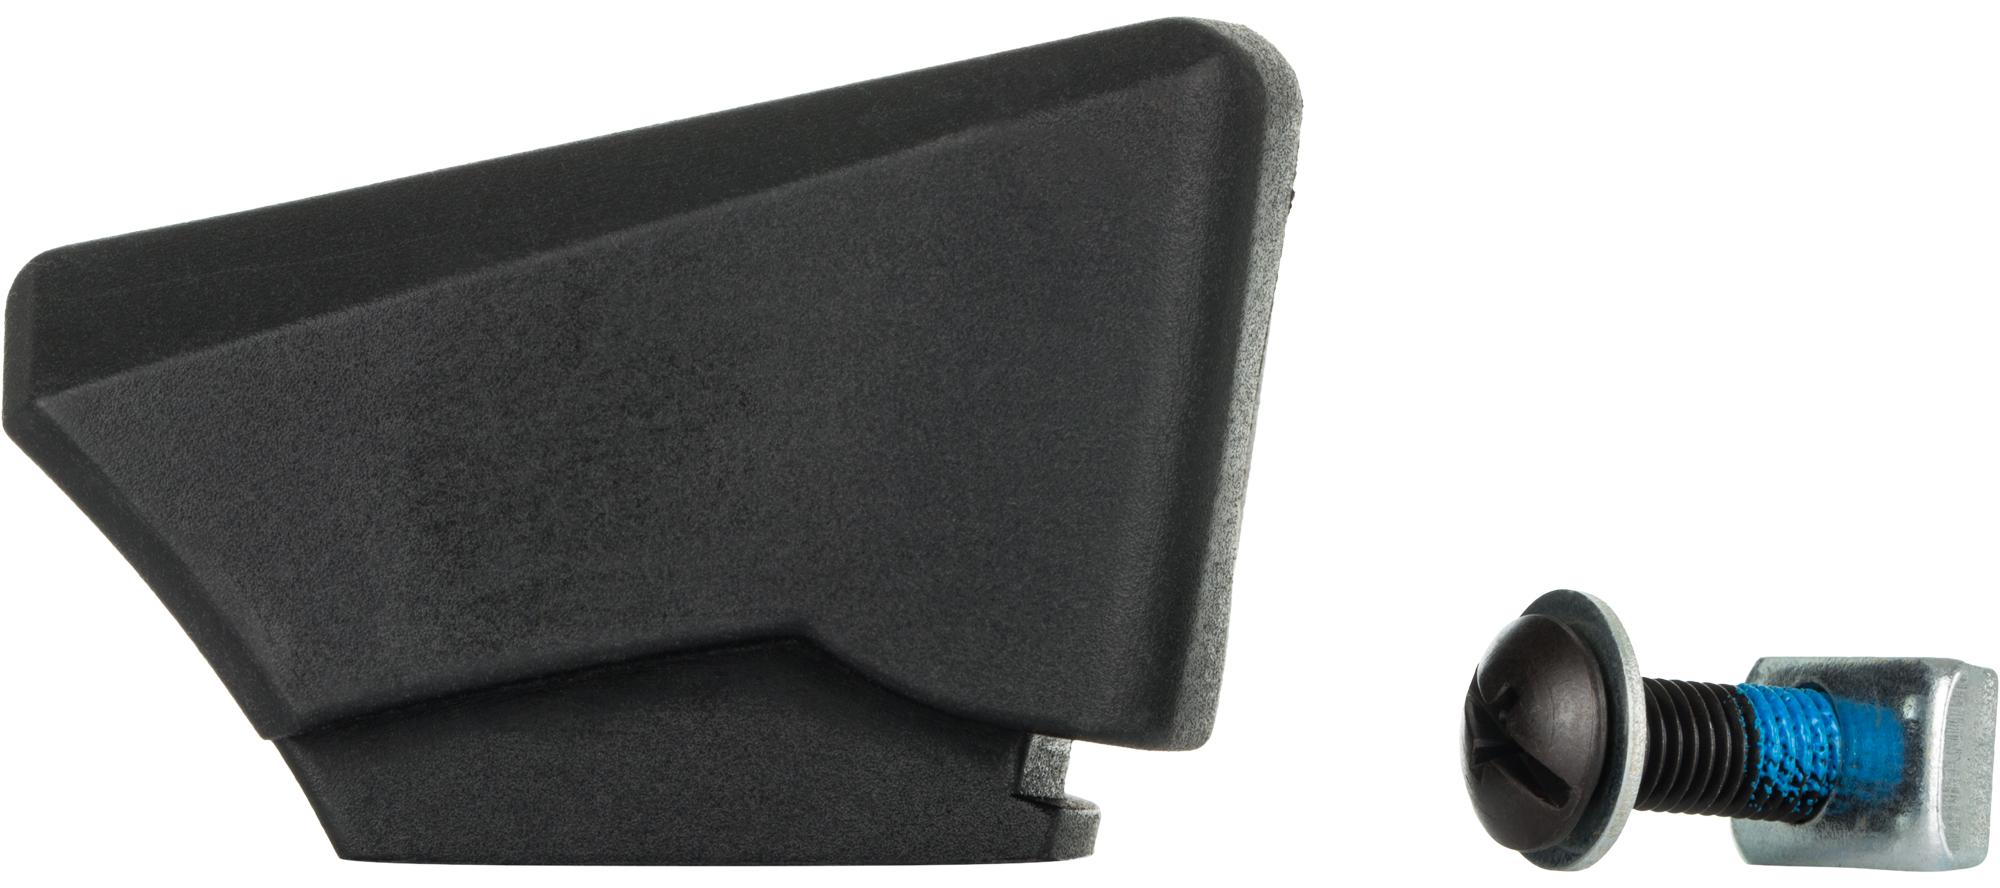 Roces Колодка тормозная с крепежом для взрослых роликов Roces цена